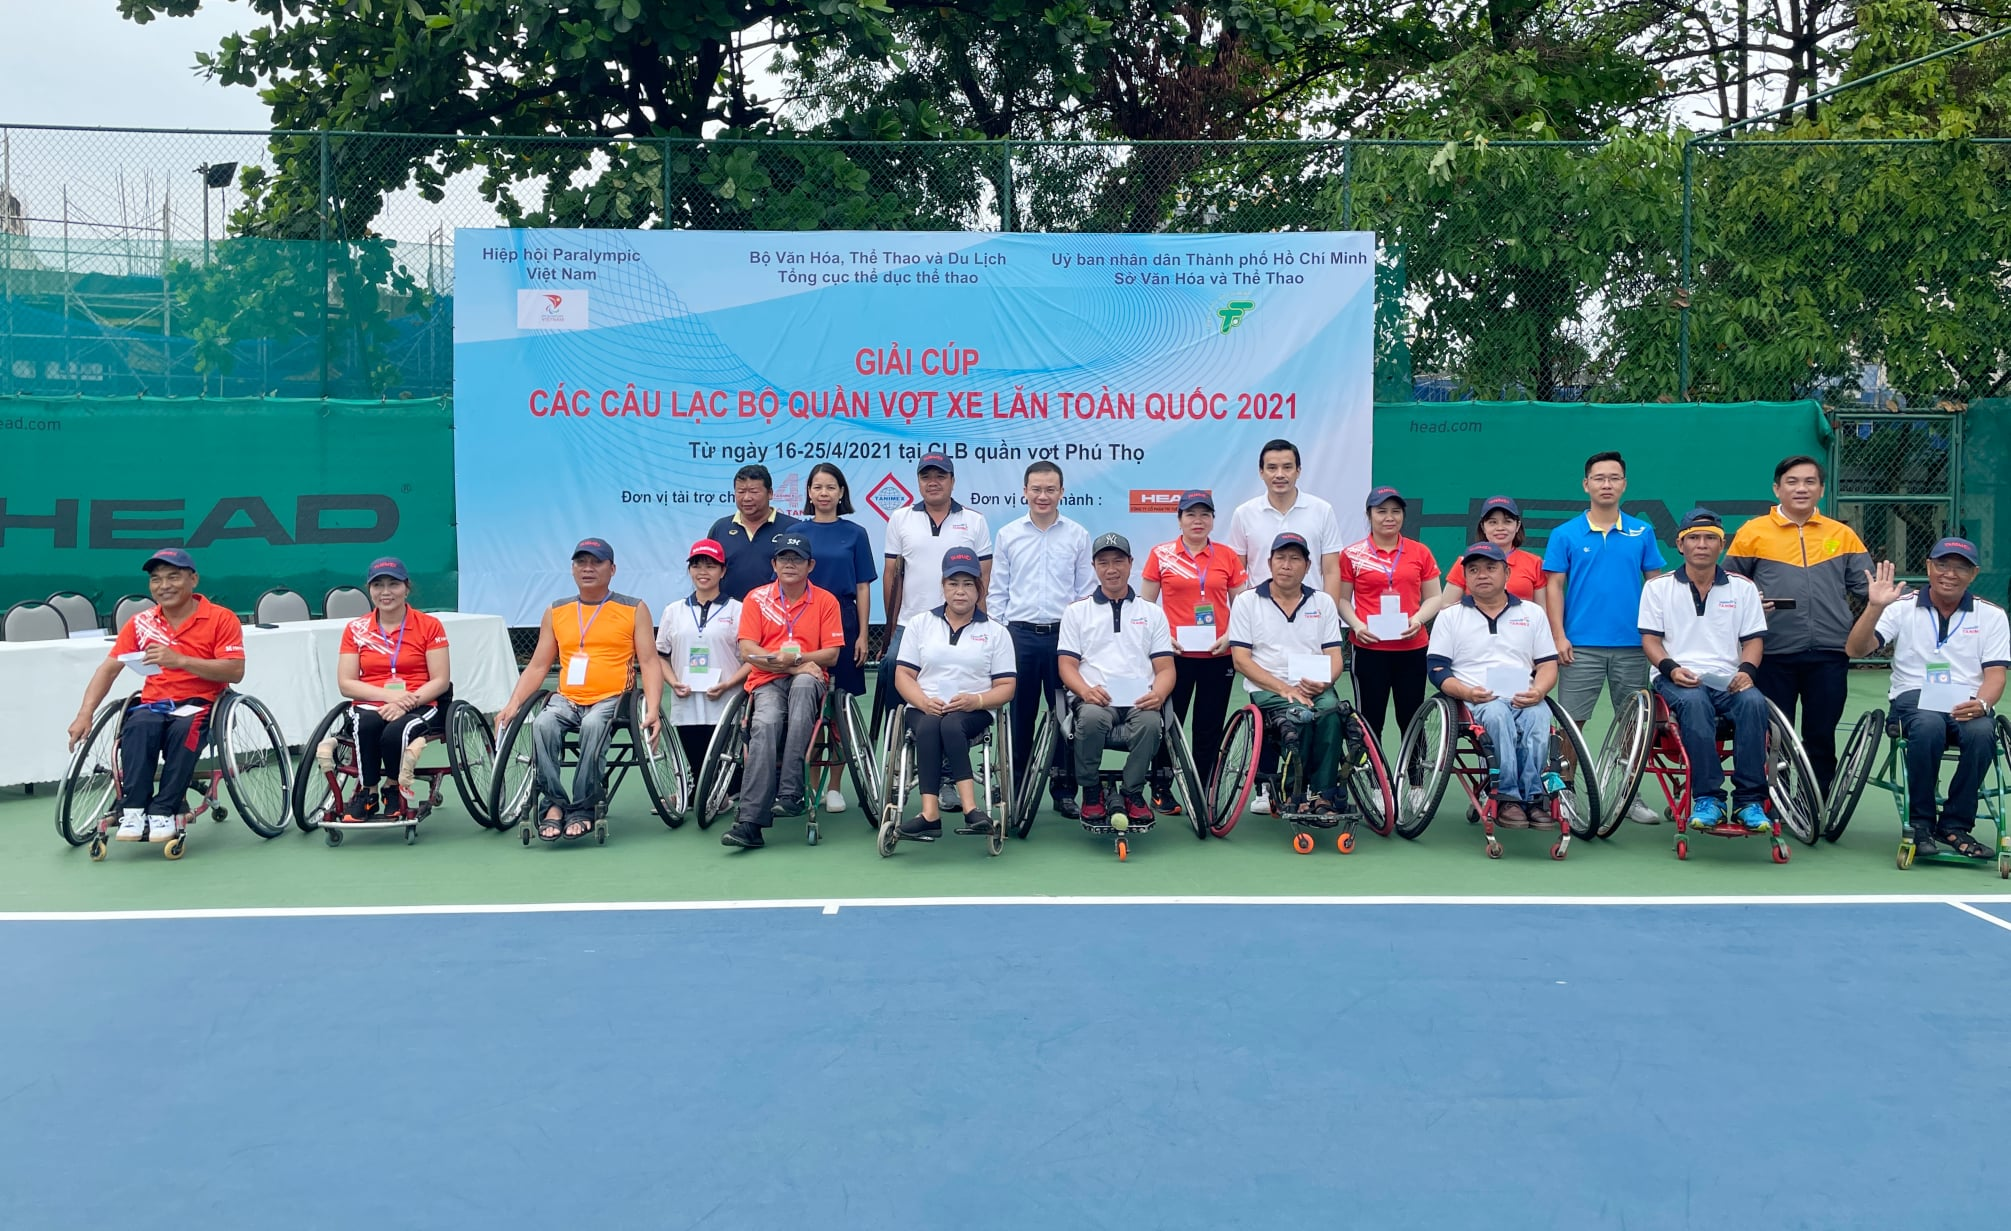 Hình ảnh: Giải các câu lạc bộ quần vợt xe lăn Toàn quốc - Cúp Tanimex 2021: Ý nghĩa trong ngày Đặc biệt số 1